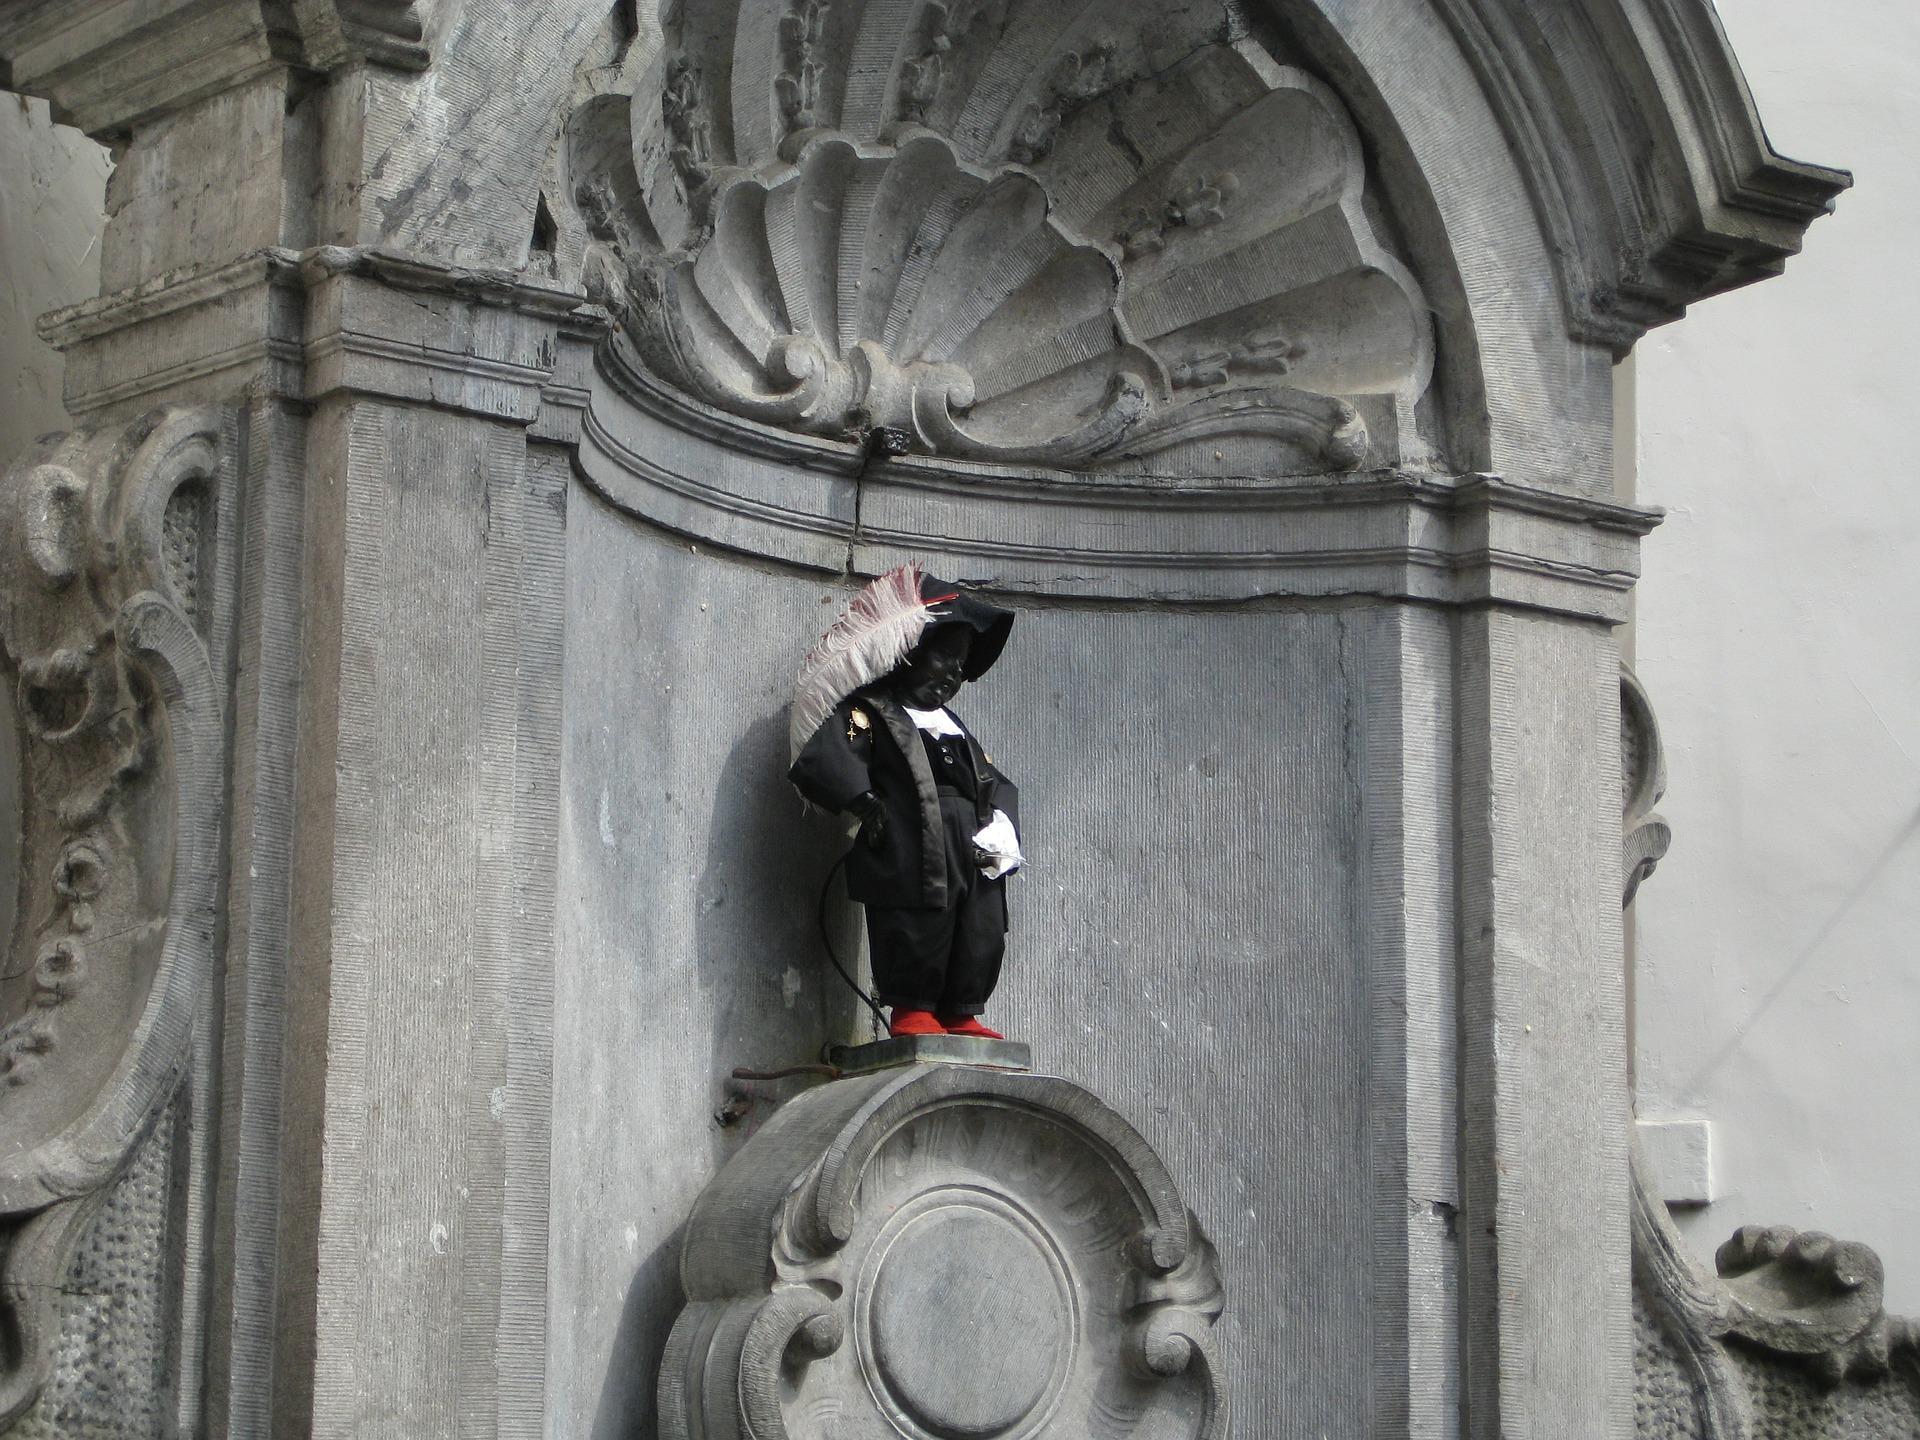 Les incontournables de Bruxelles-Le Manneken Pis en d'Artagnan